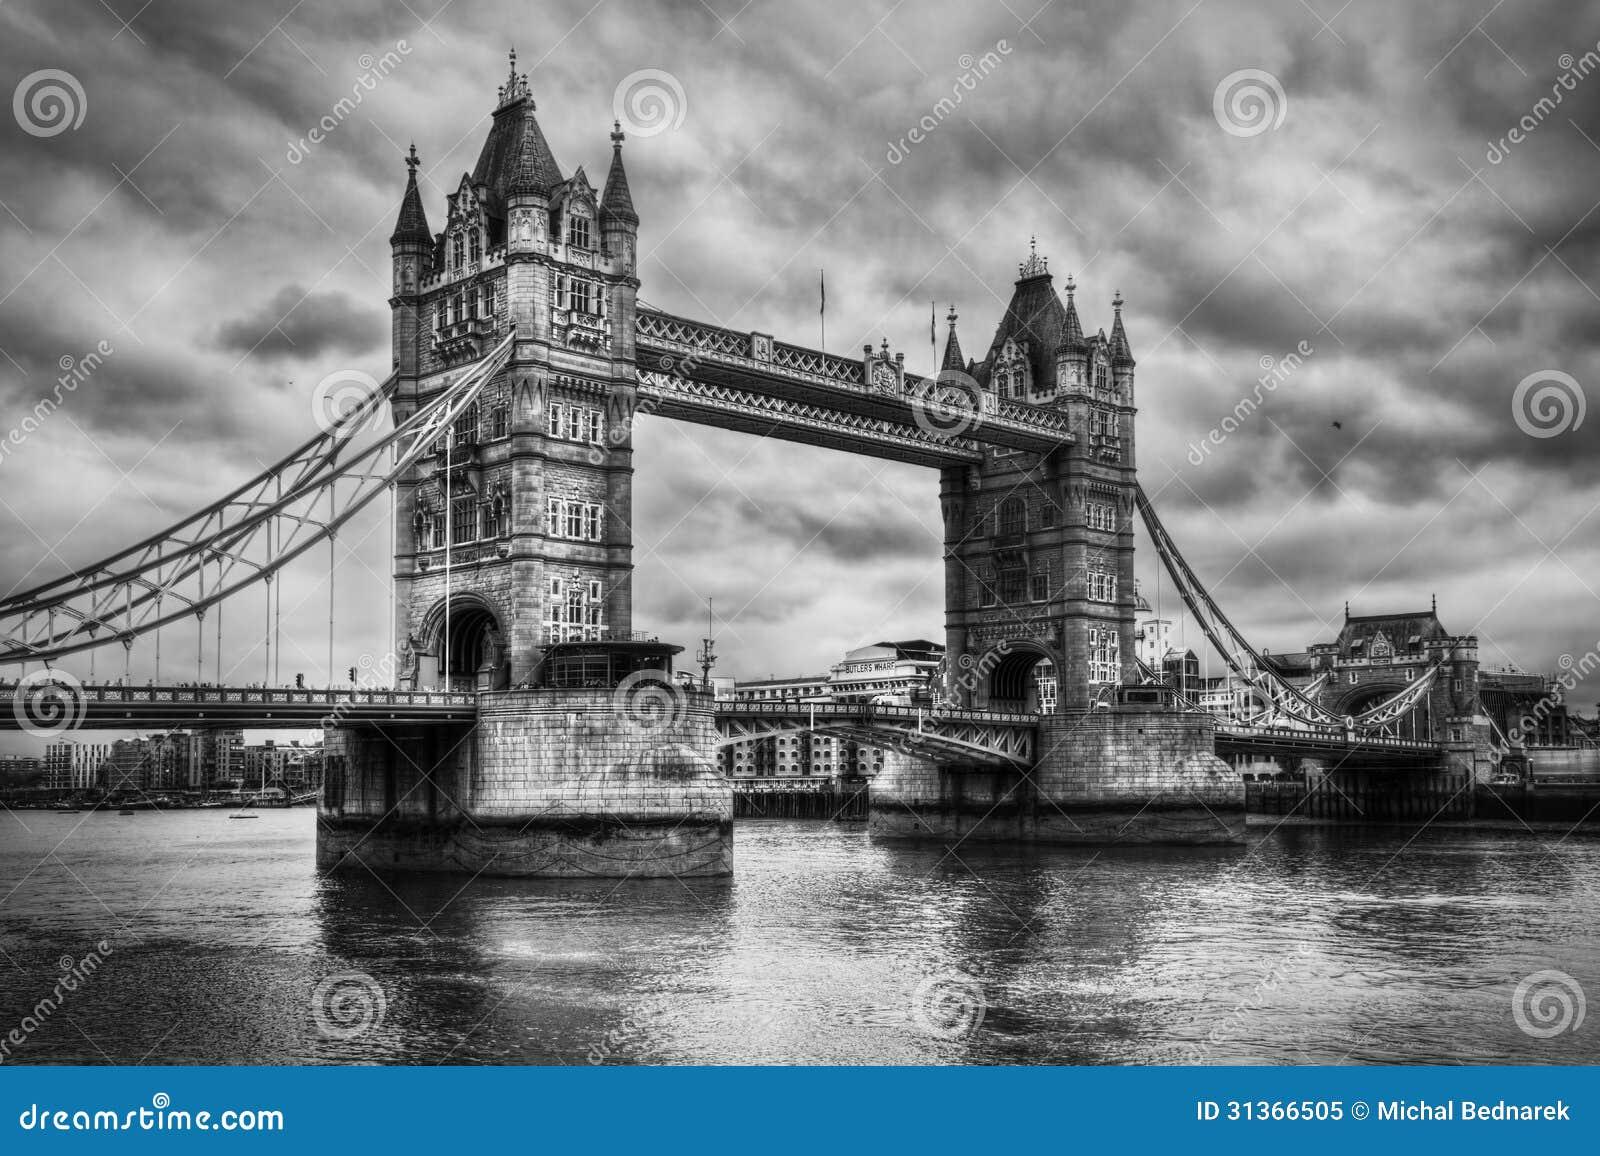 塔桥梁在伦敦,英国。黑白